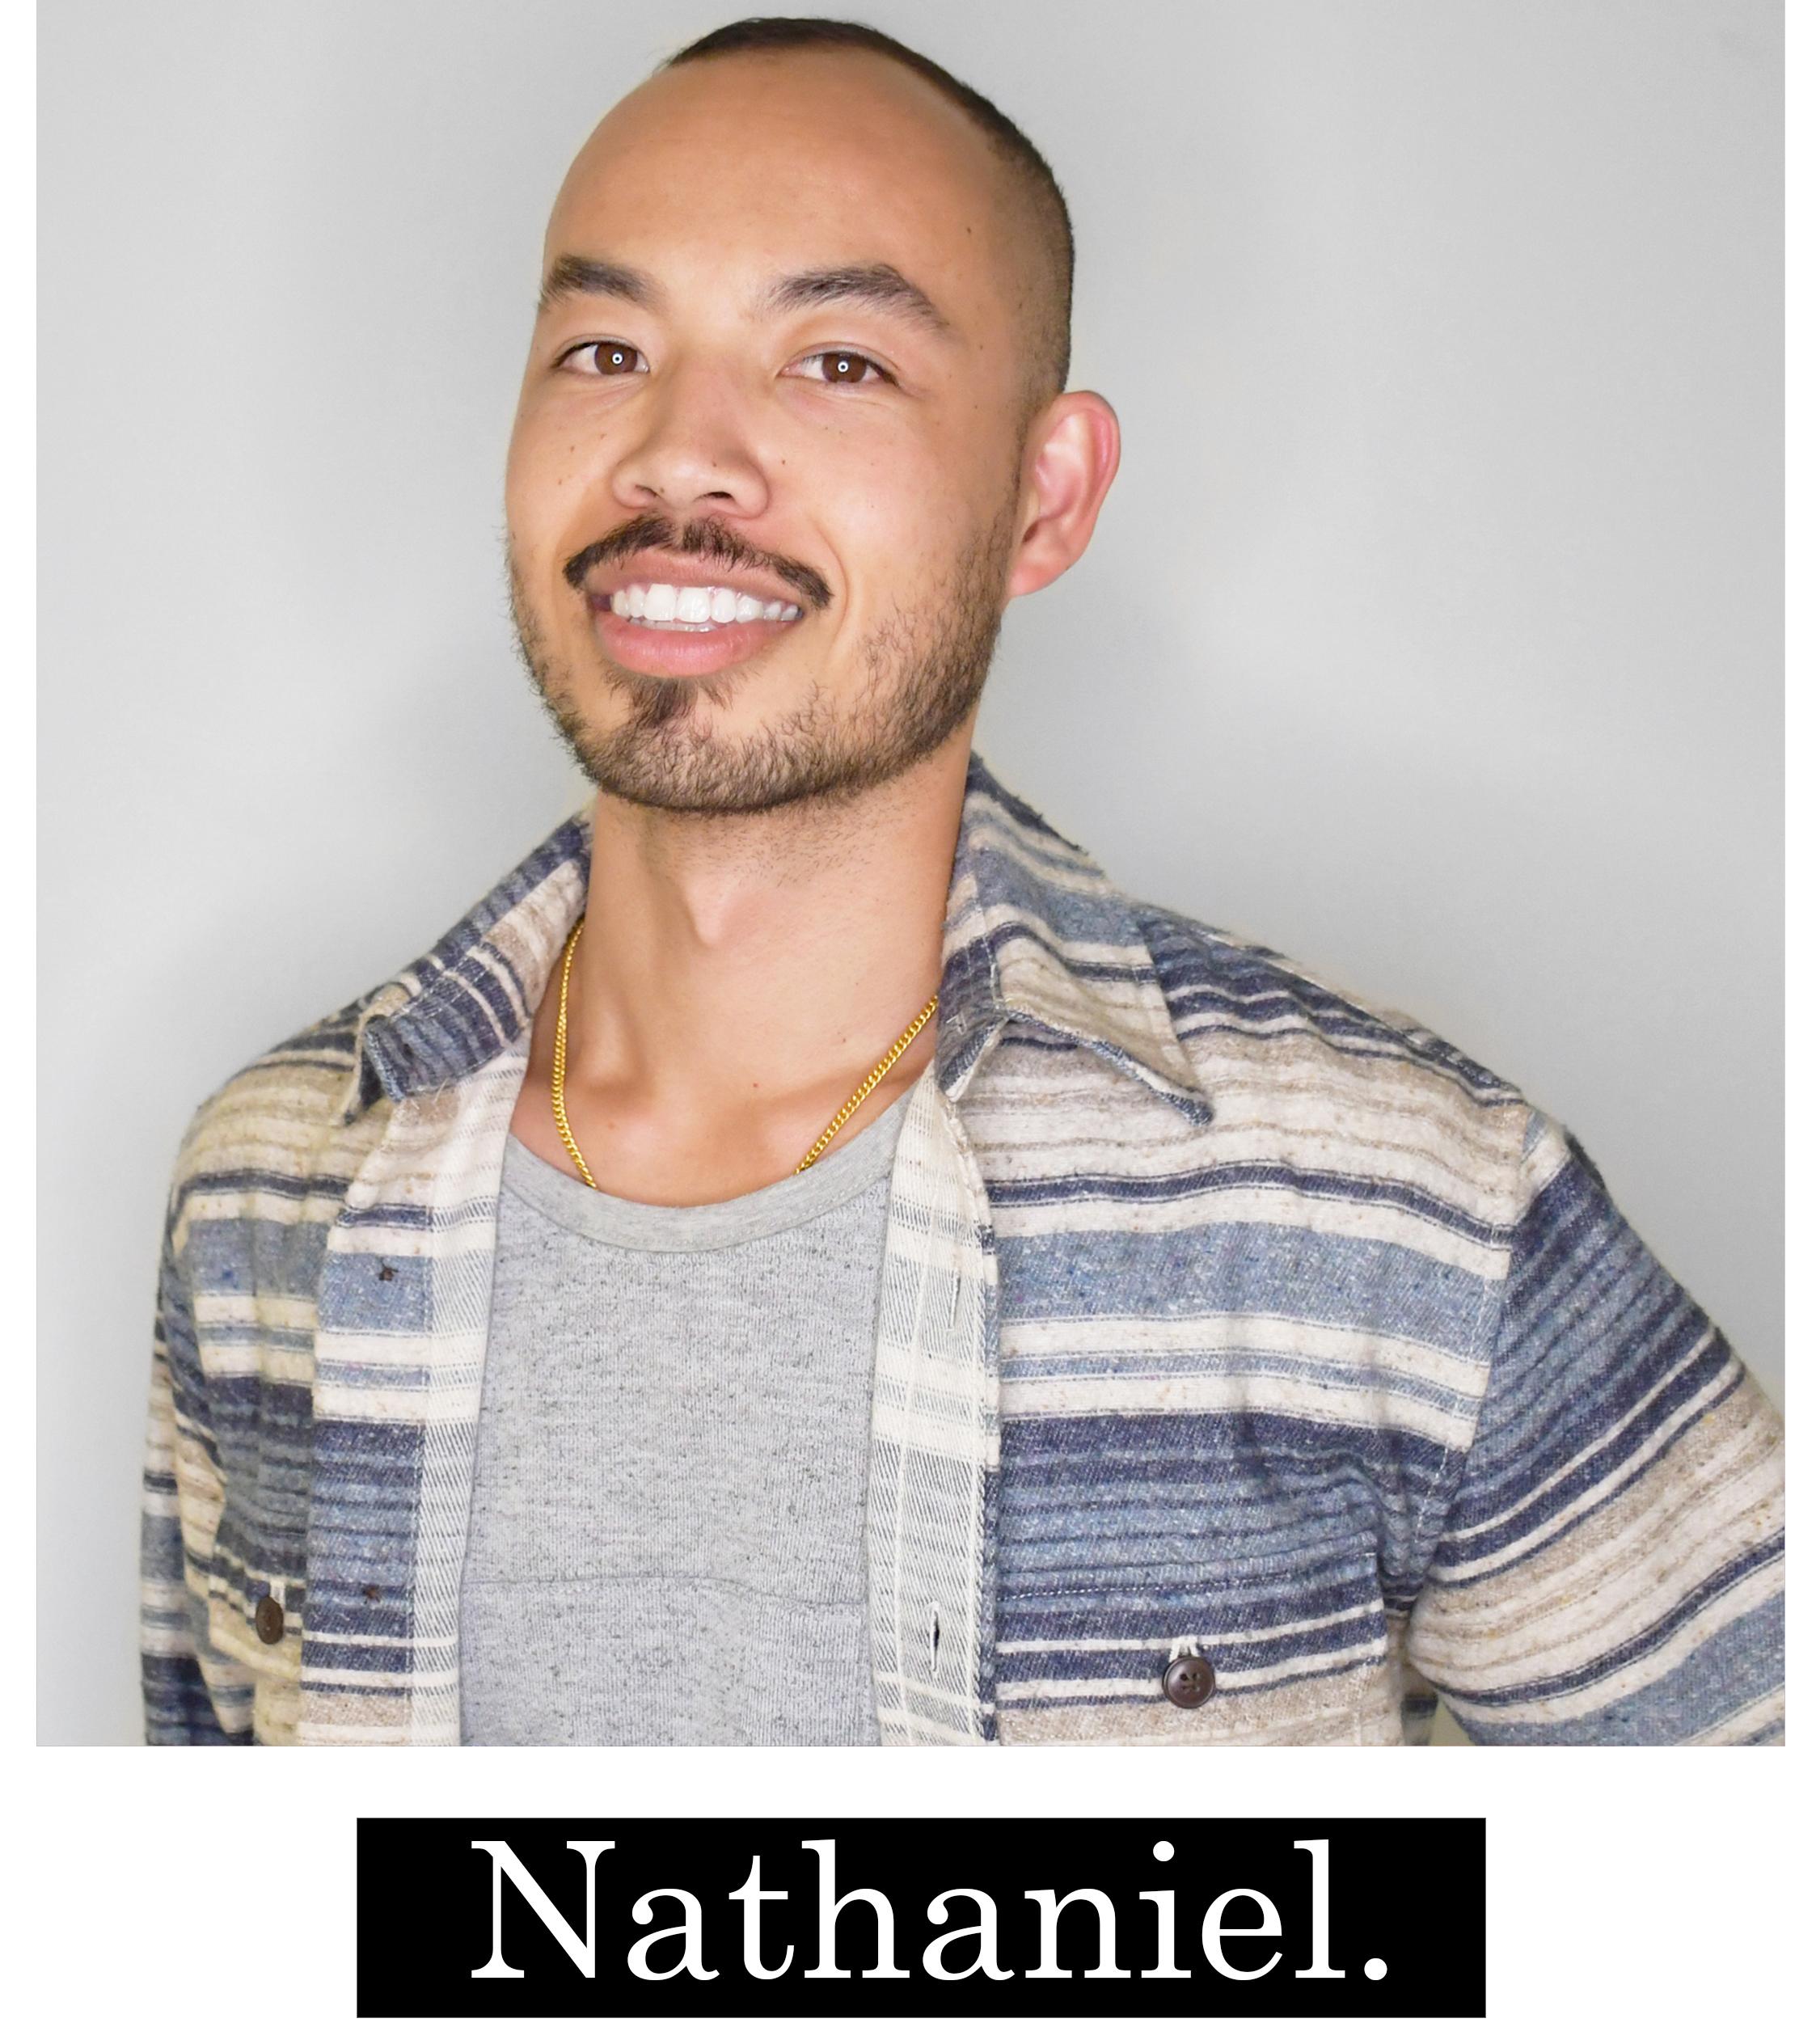 nathaniel2.jpg